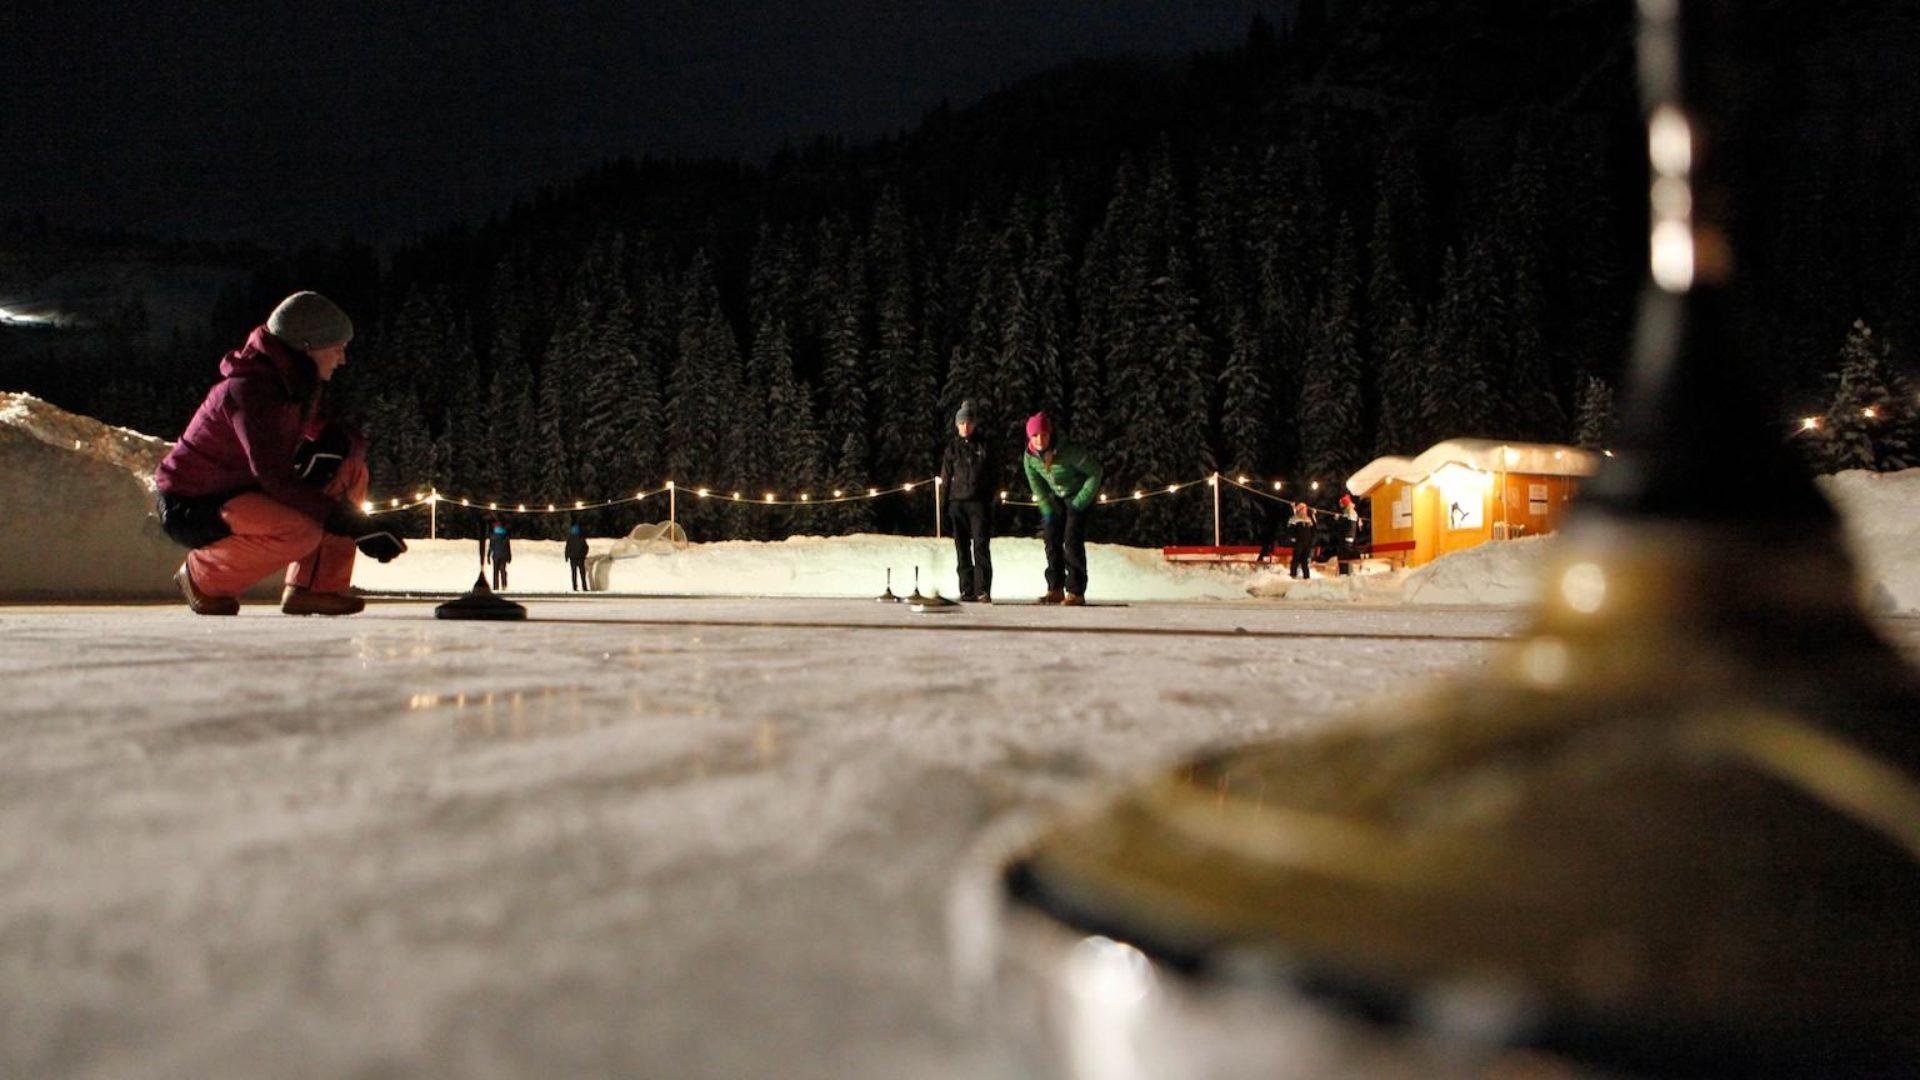 Natur-Eislaufplatz in Zug